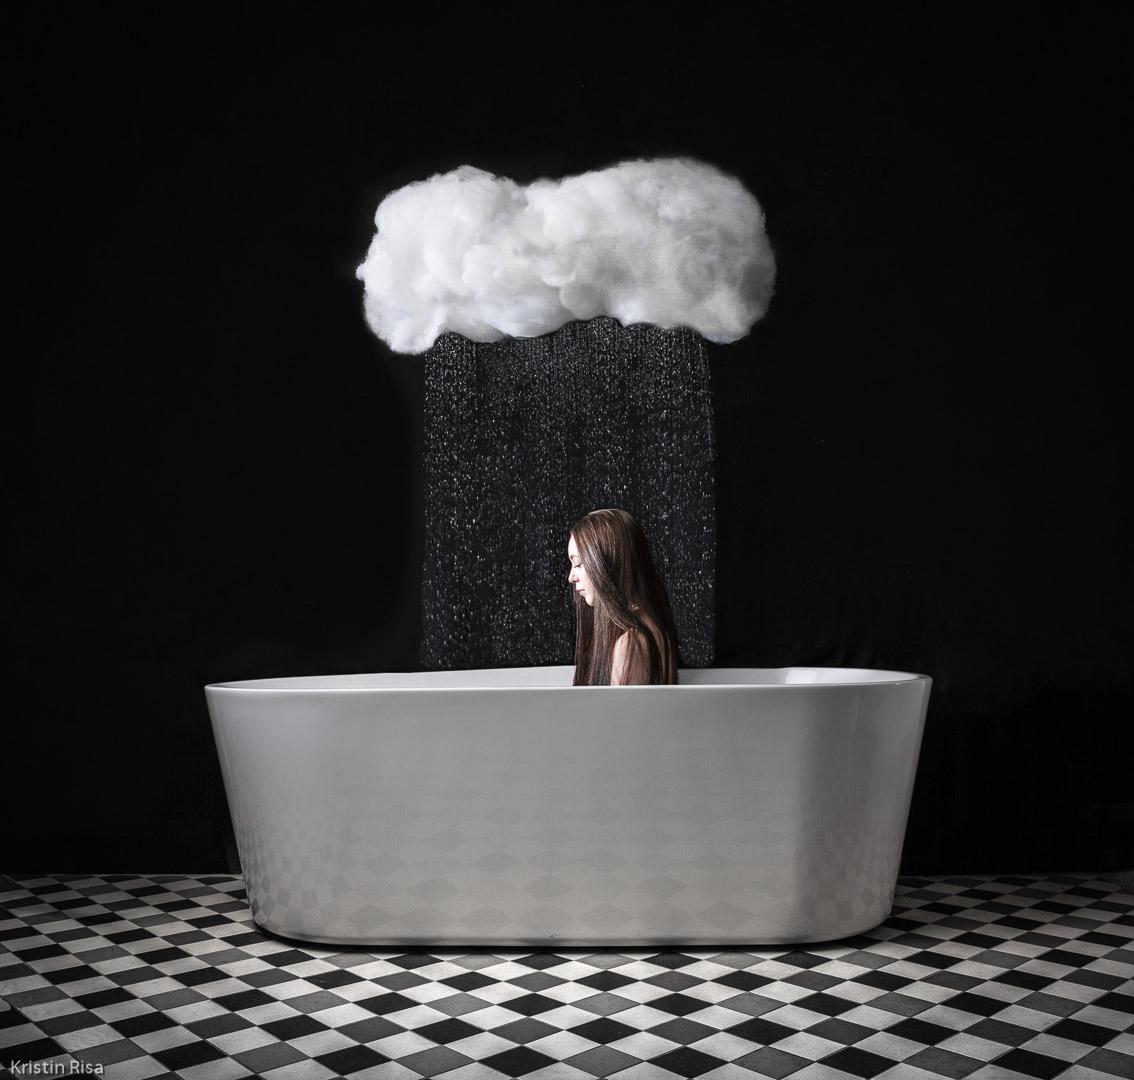 PRF-Sølv-Kristin Risa-A rainy day